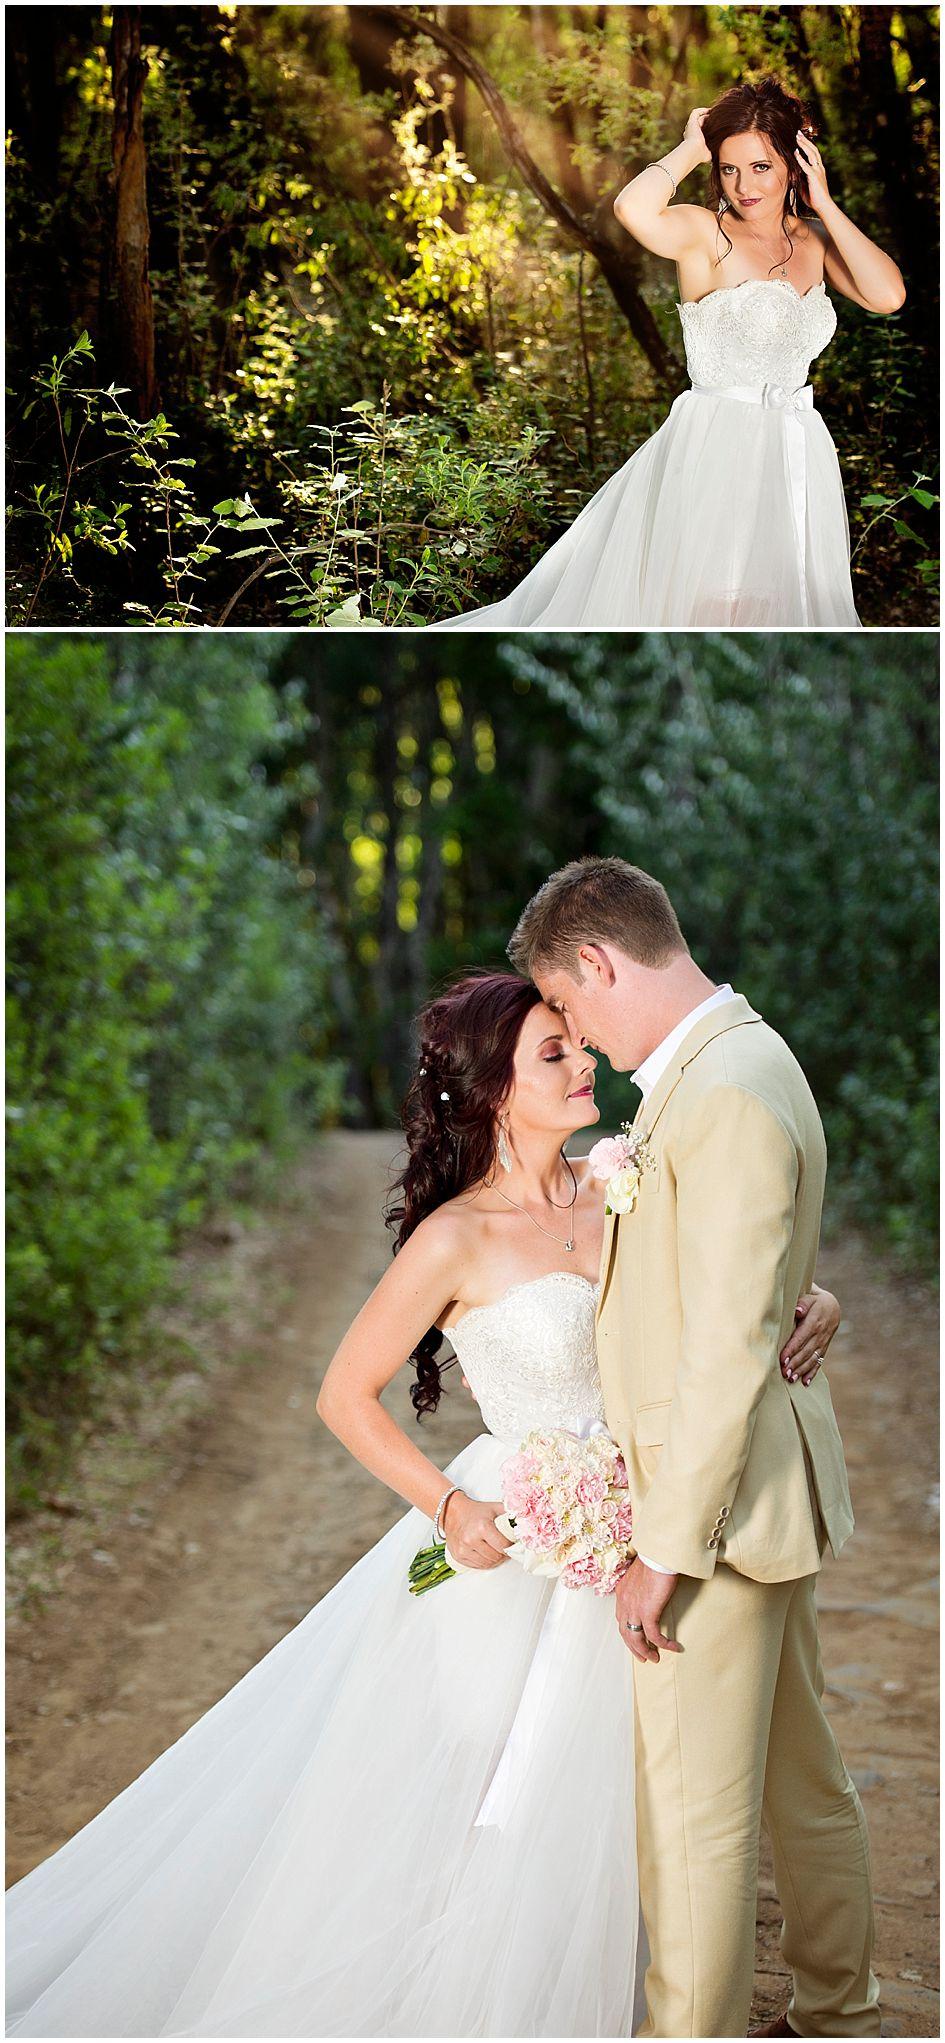 bush-wedding-photoshoot.jpg